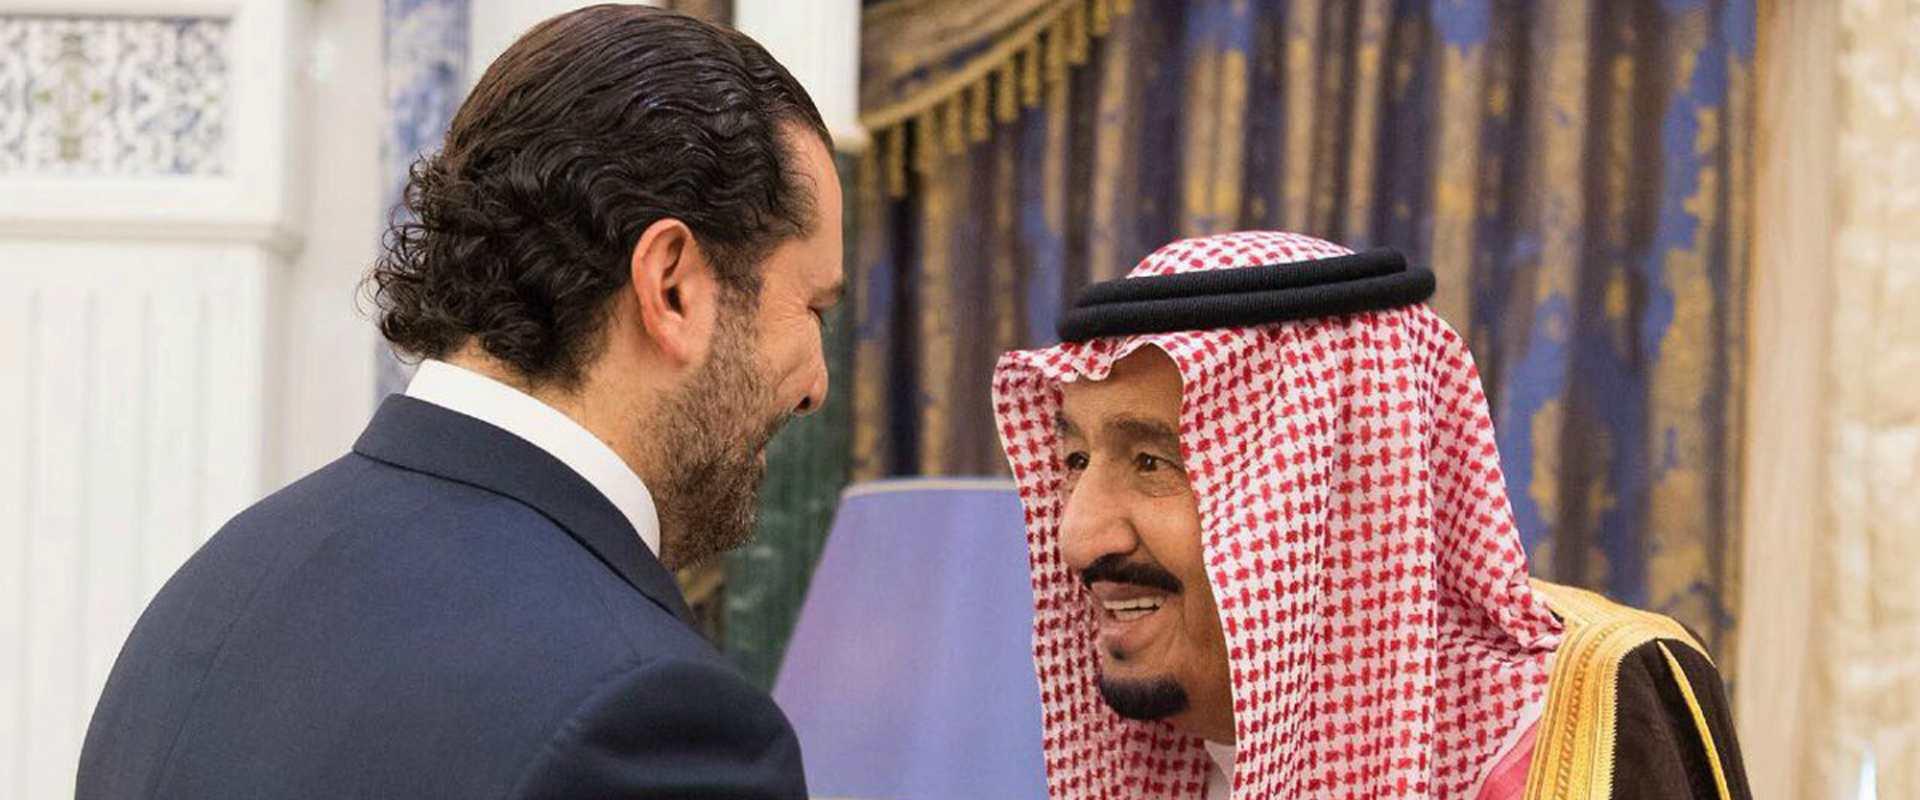 חרירי נפגש בריאד עם מלך סעודיה